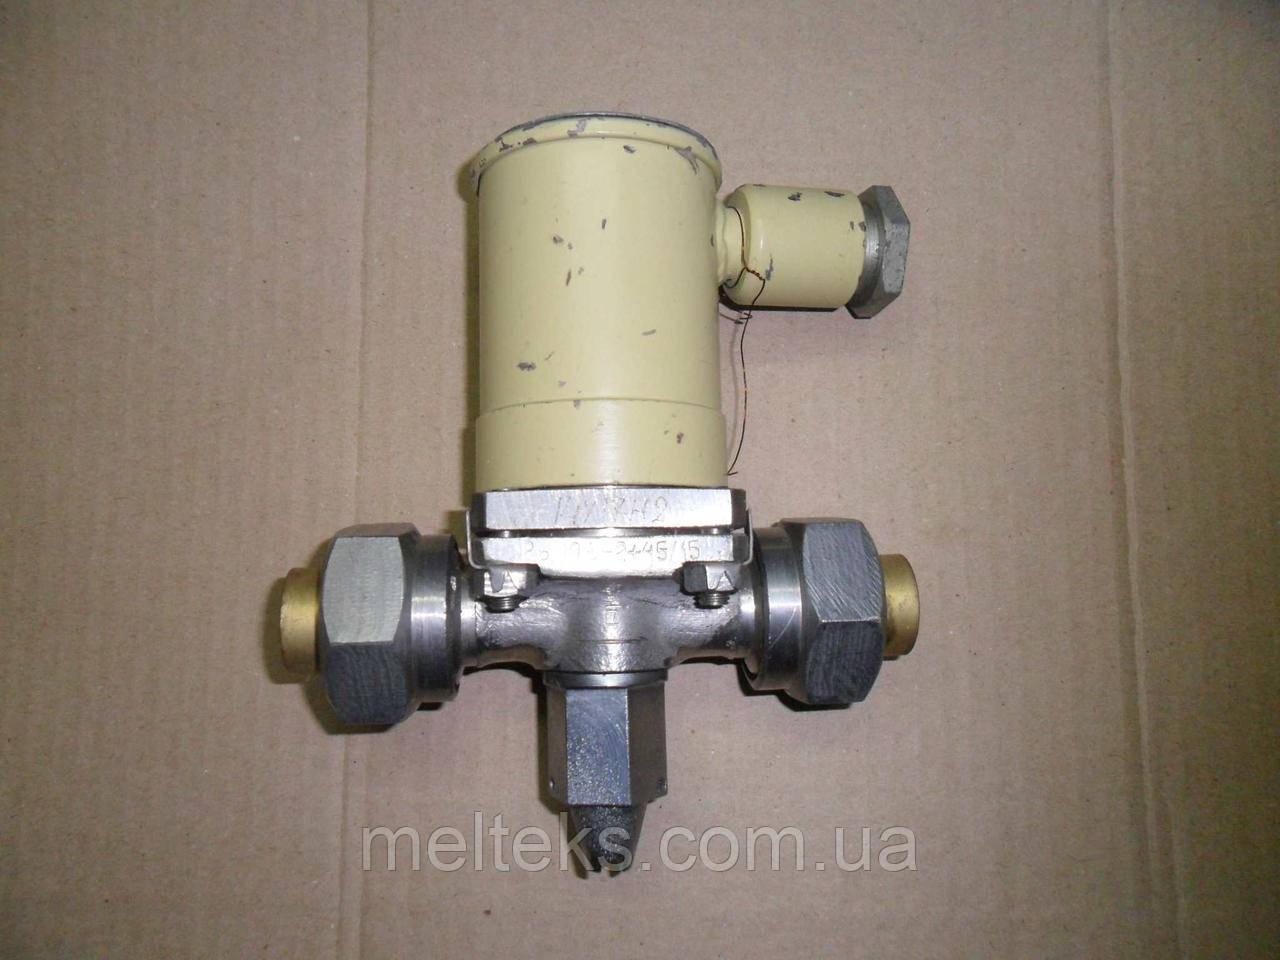 Вентиль клапан Т26198 СВМ 12Ж- С